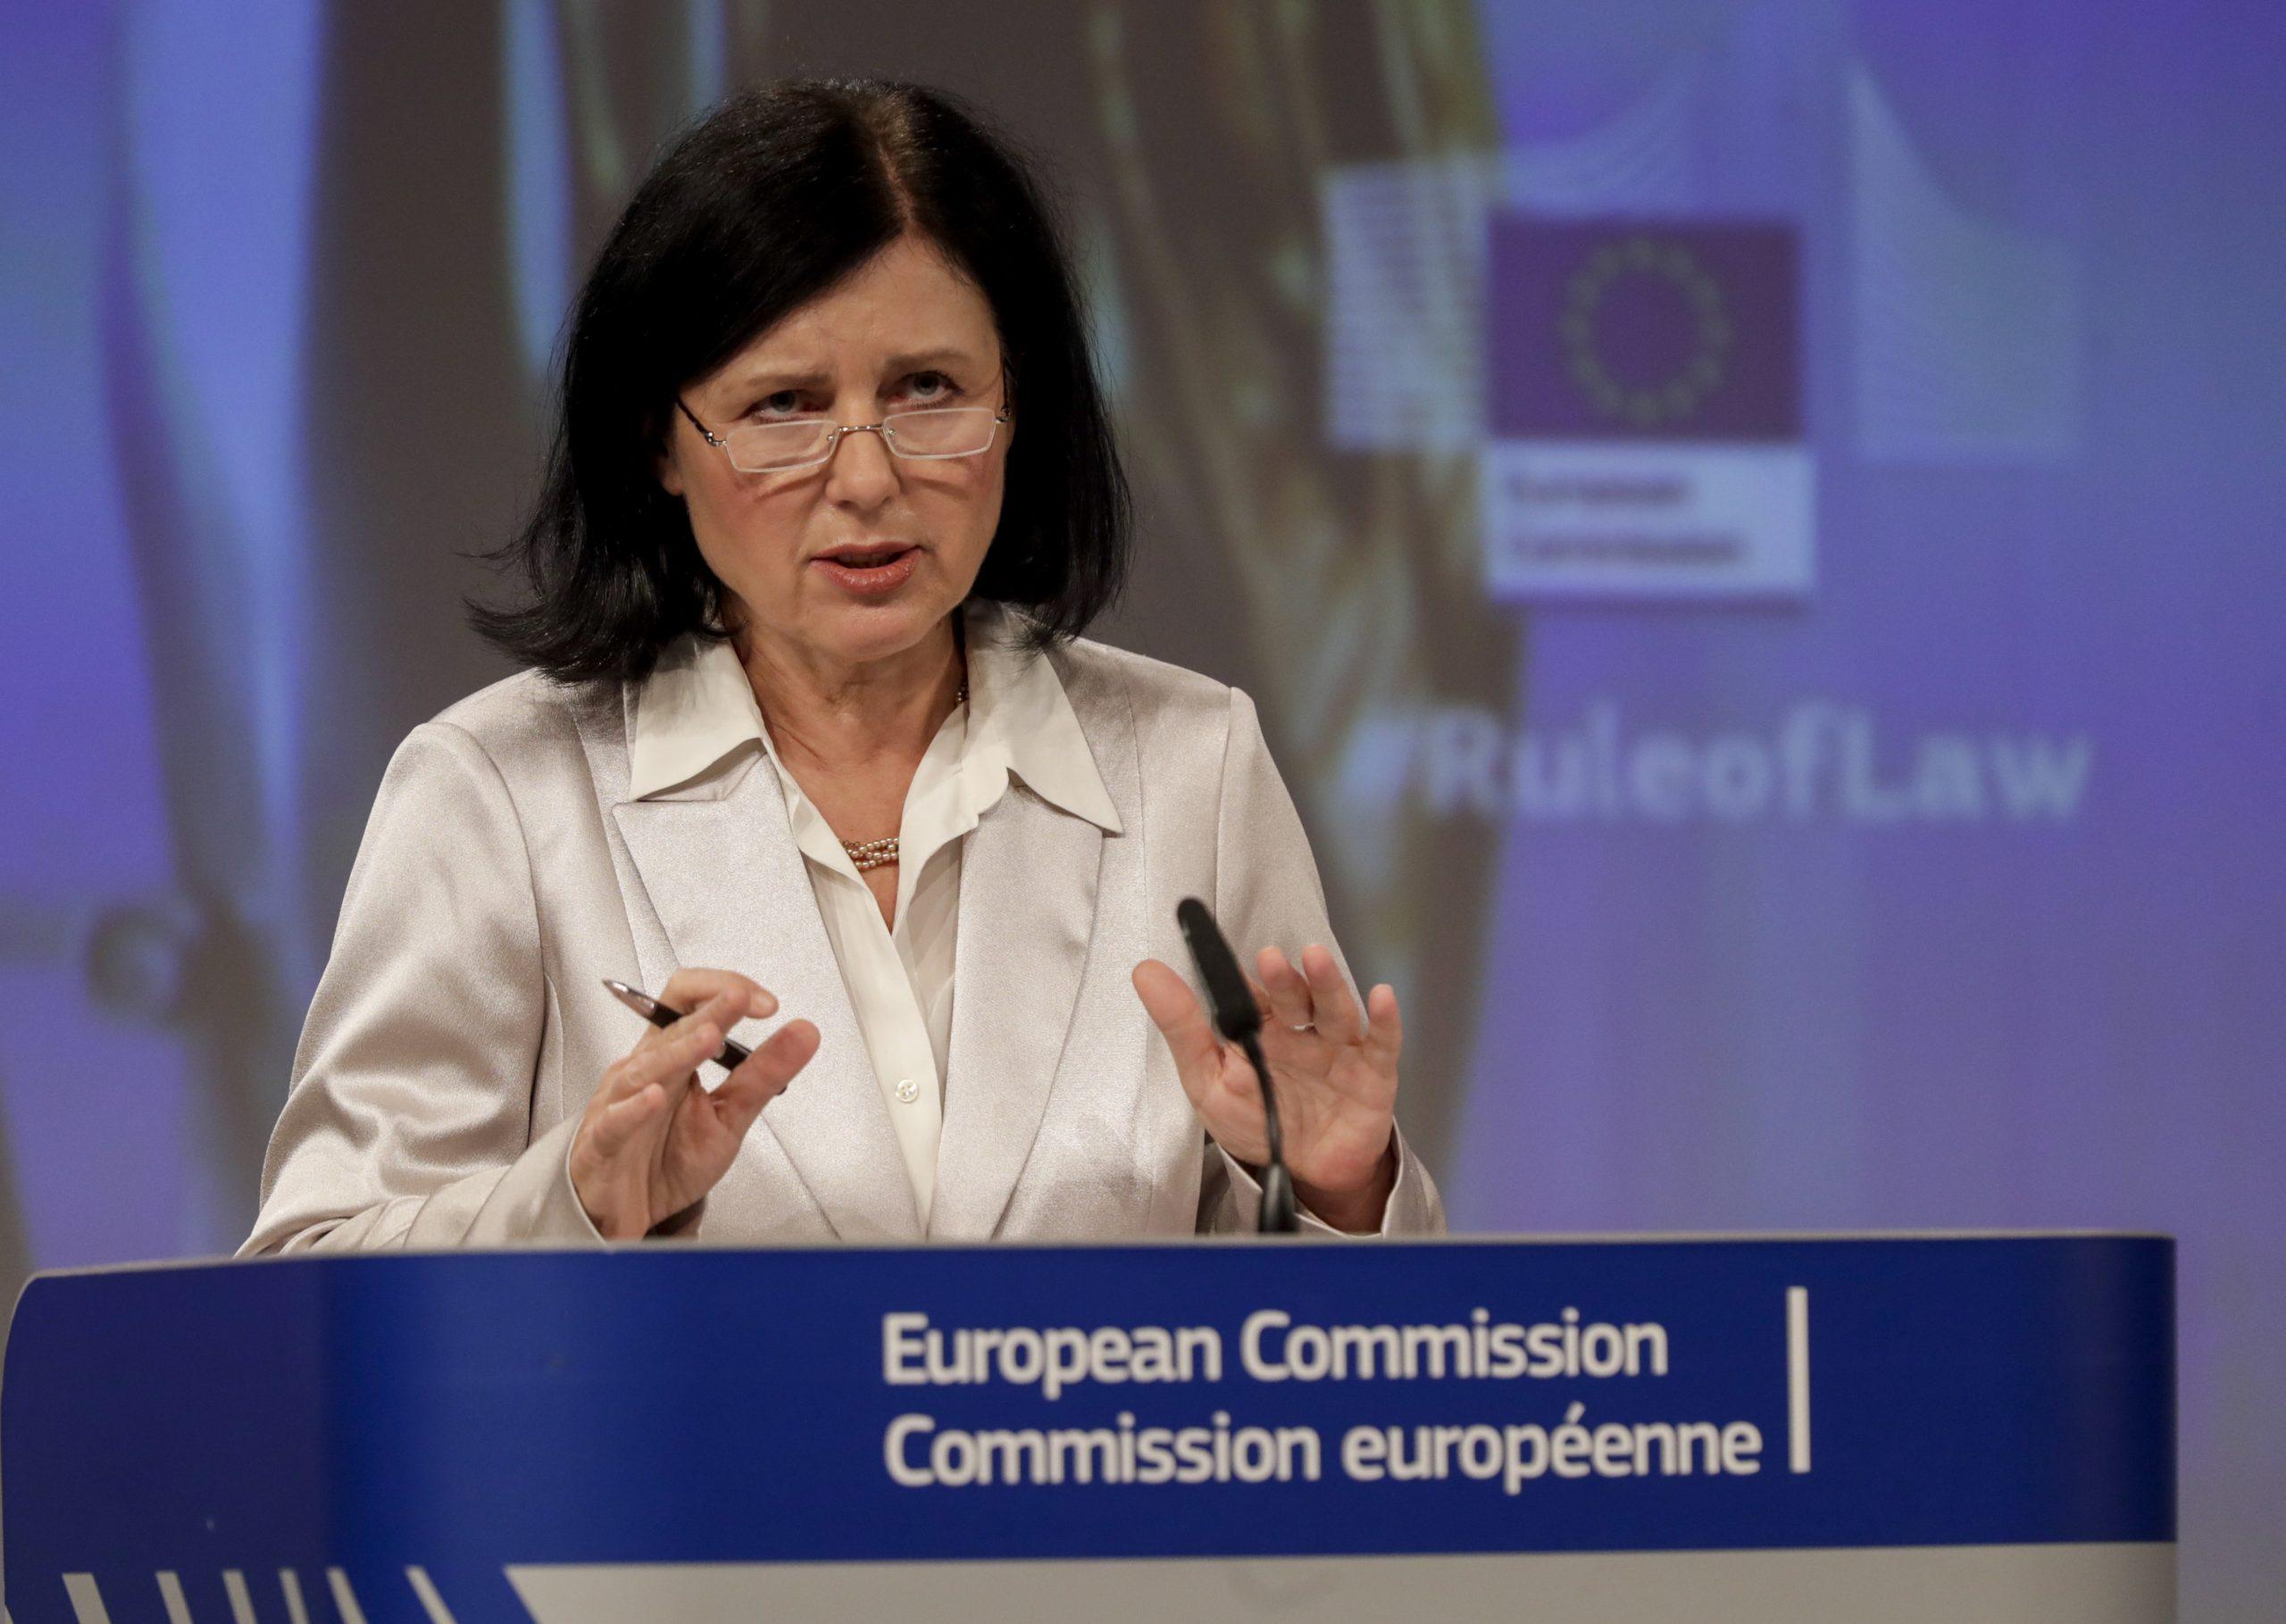 Tour d'horizon de la presse hongroise: hebdomadaires sur la critique de l'état de droit par la Commission européenne